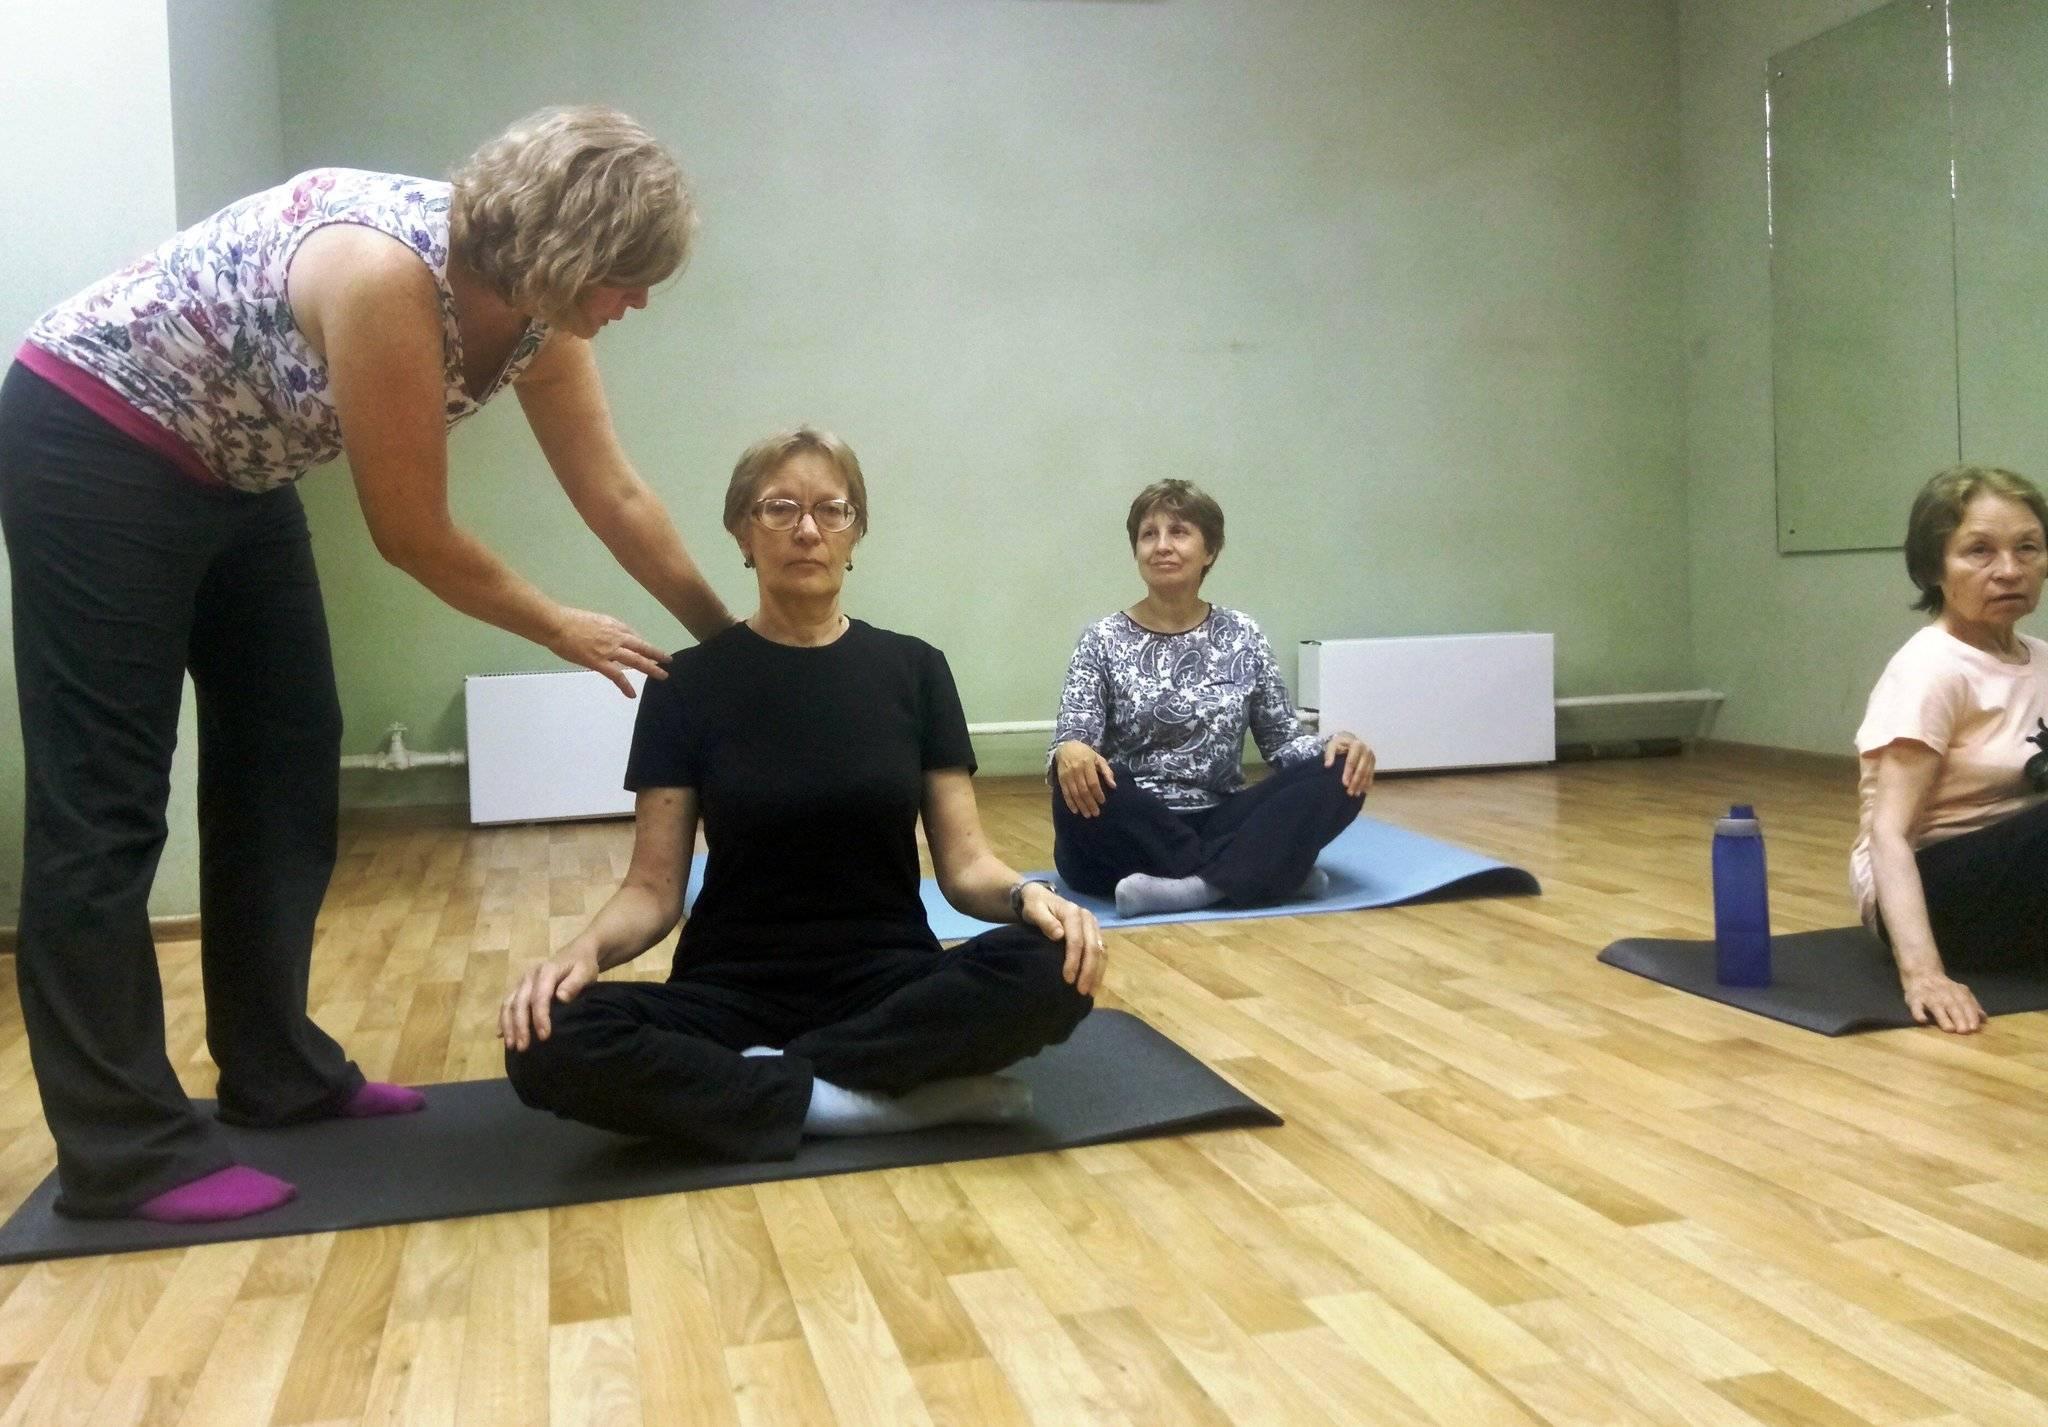 Йога для пожилых женщин и мужчин: комплекс упражнений для начинающих в домашних условиях